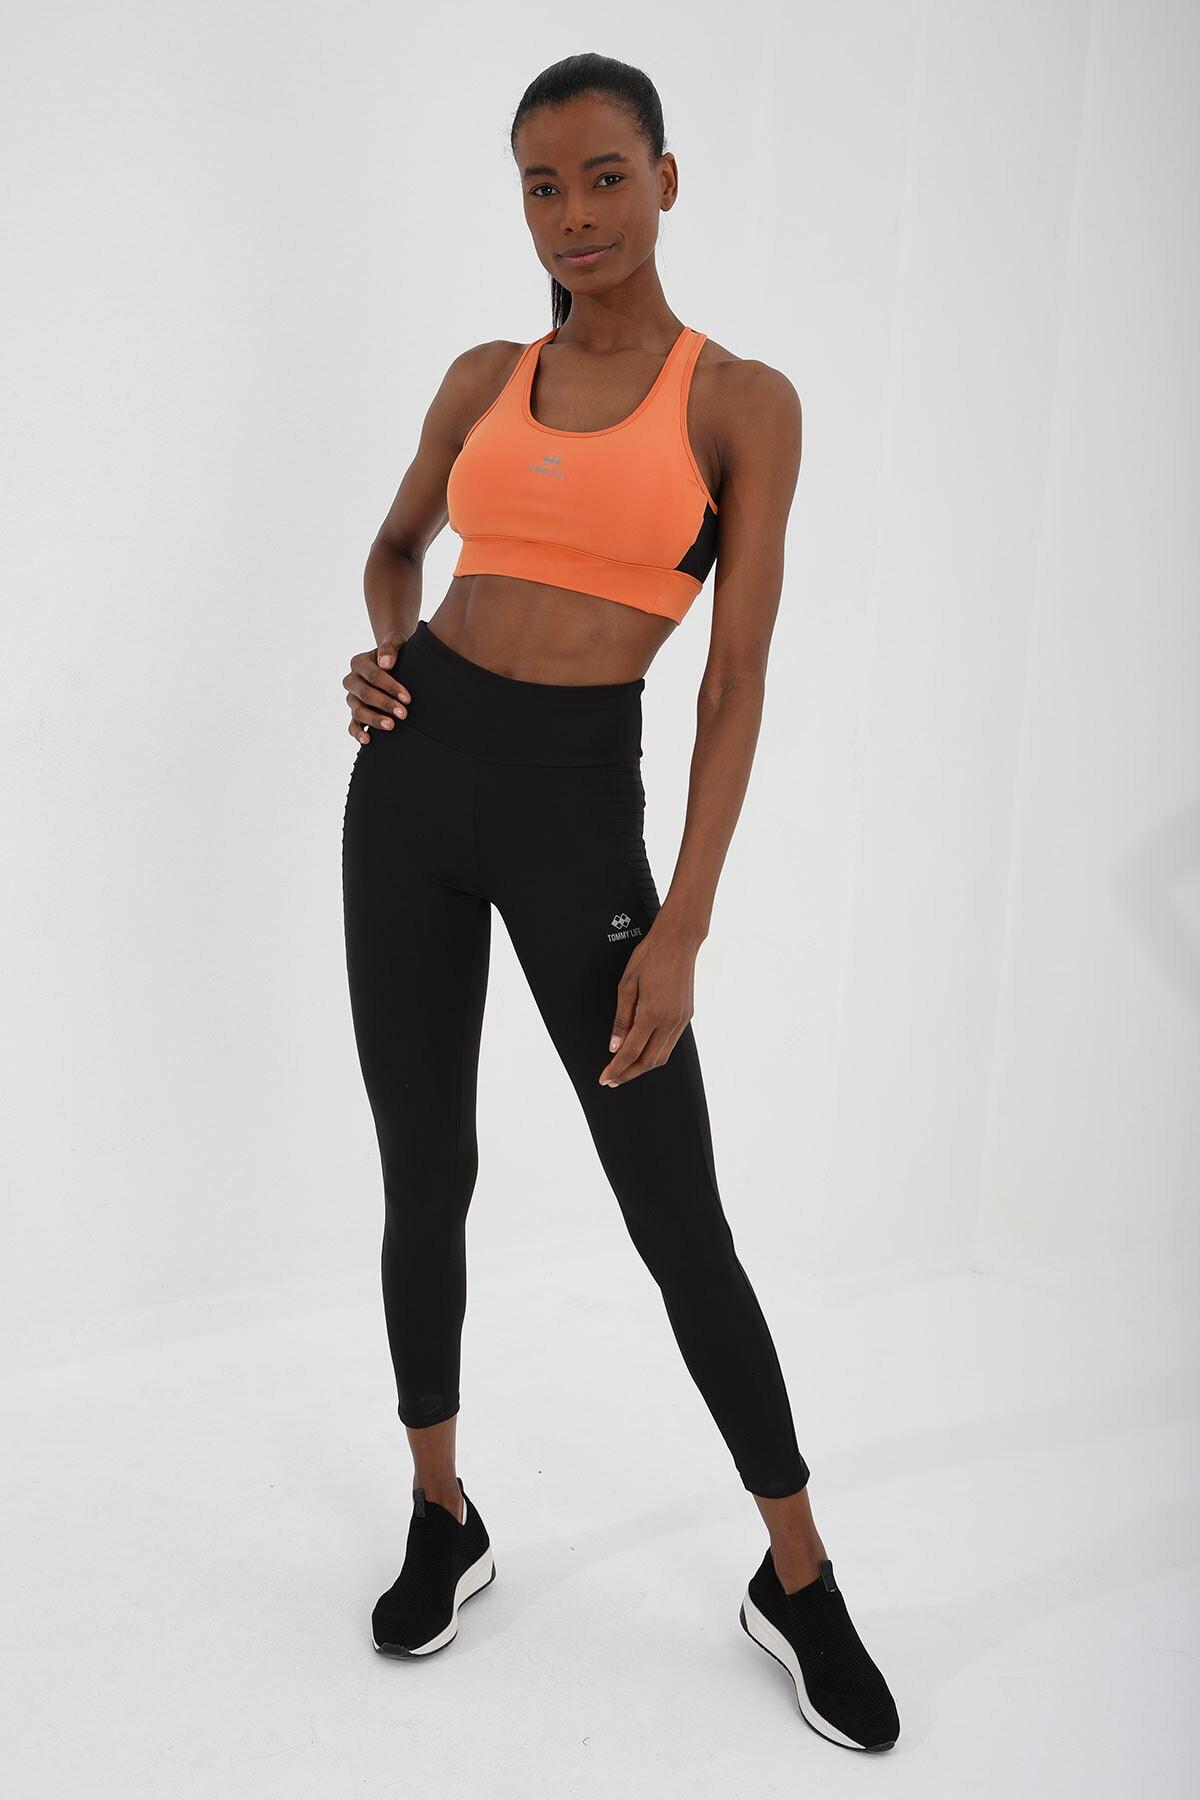 Kadın Oranj Çapraz Sırt Detaylı Slim Fit U Yaka Spor Büstiyer - 97121